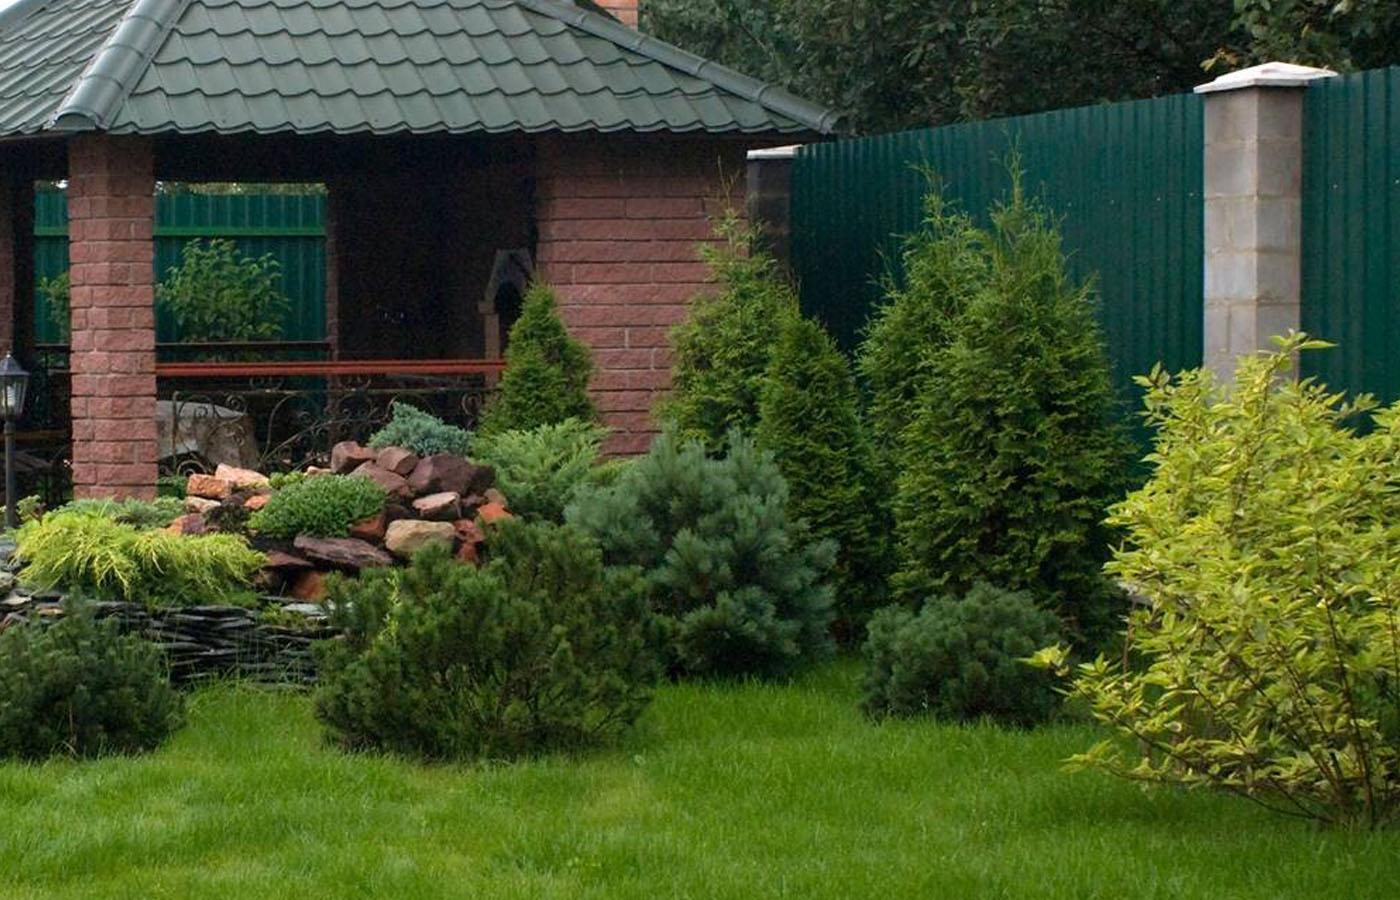 Посадка пихты: как правильно сажать ее от корня? Где посадить ее на участке? Можно ли сажать возле дома на даче?